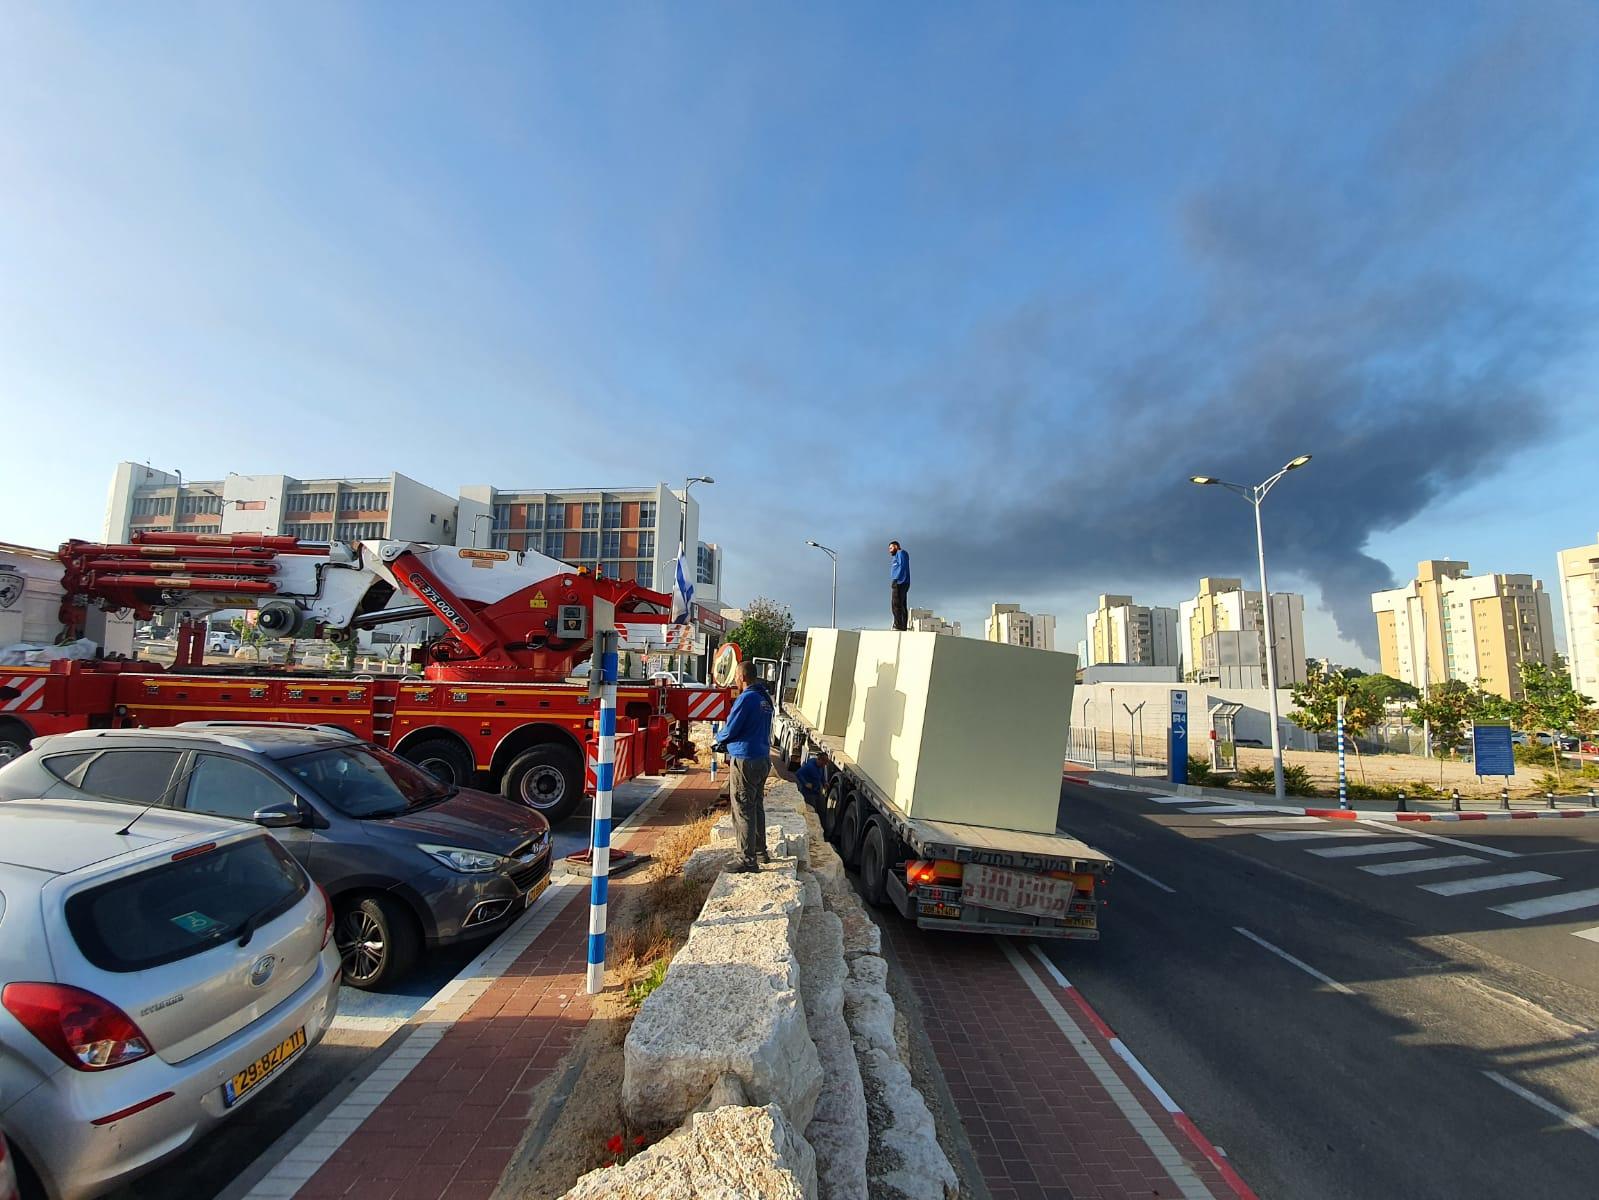 """ענן הפיח כתוצאה מהשריפה במיכל הדלק של תש""""ן באשקלון, הבוקר / צילום: דוברות בית חולים ברזילי"""